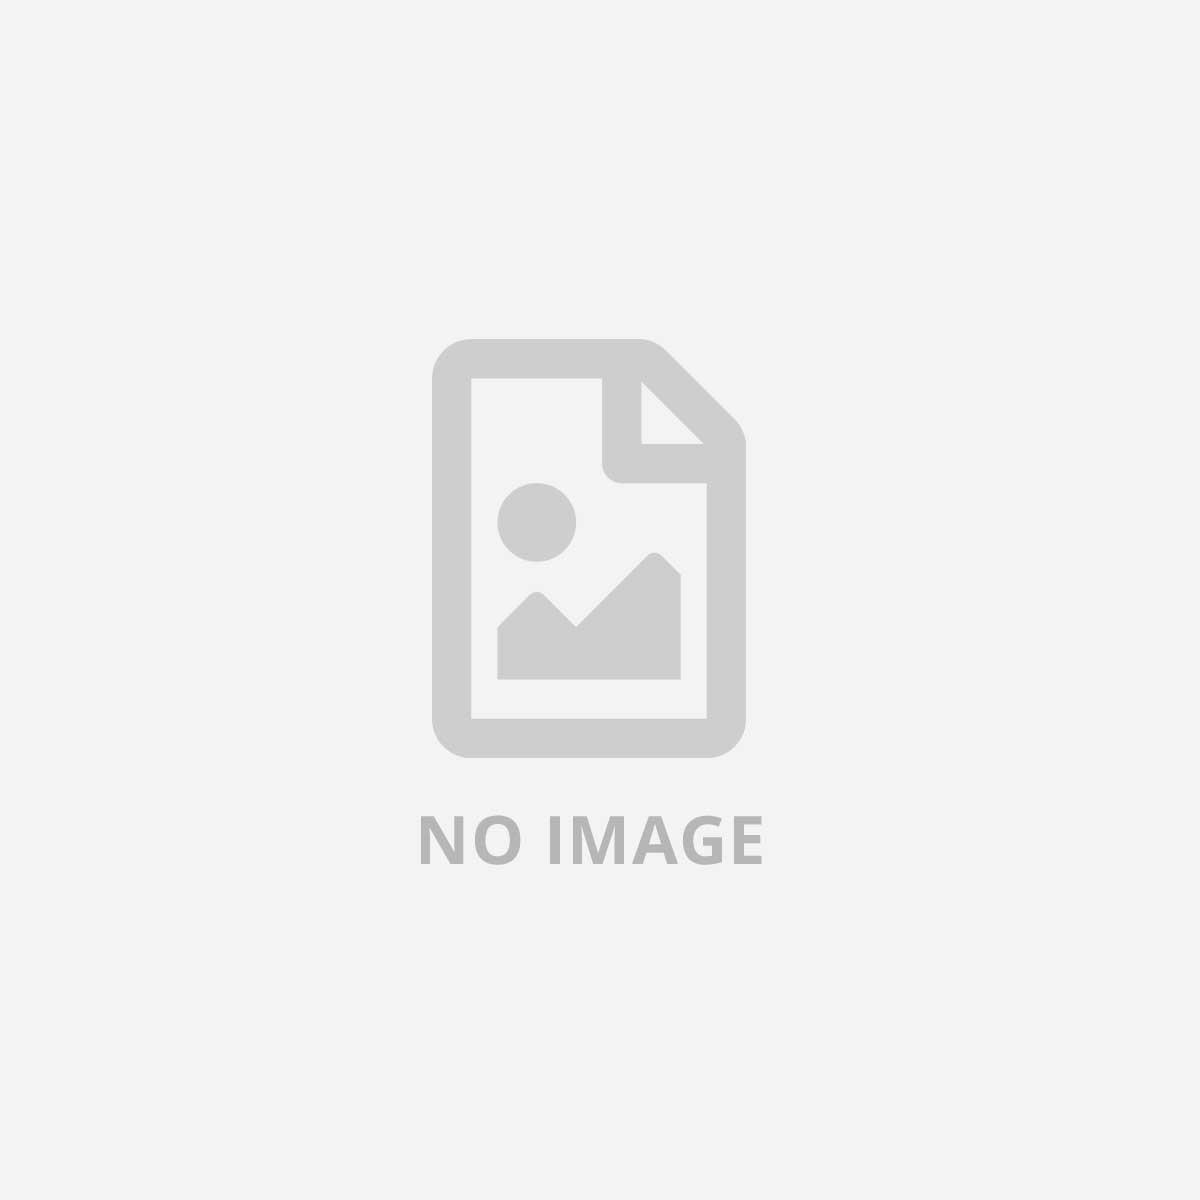 AMD RYZEN 3 3200G STEALTH COOLER